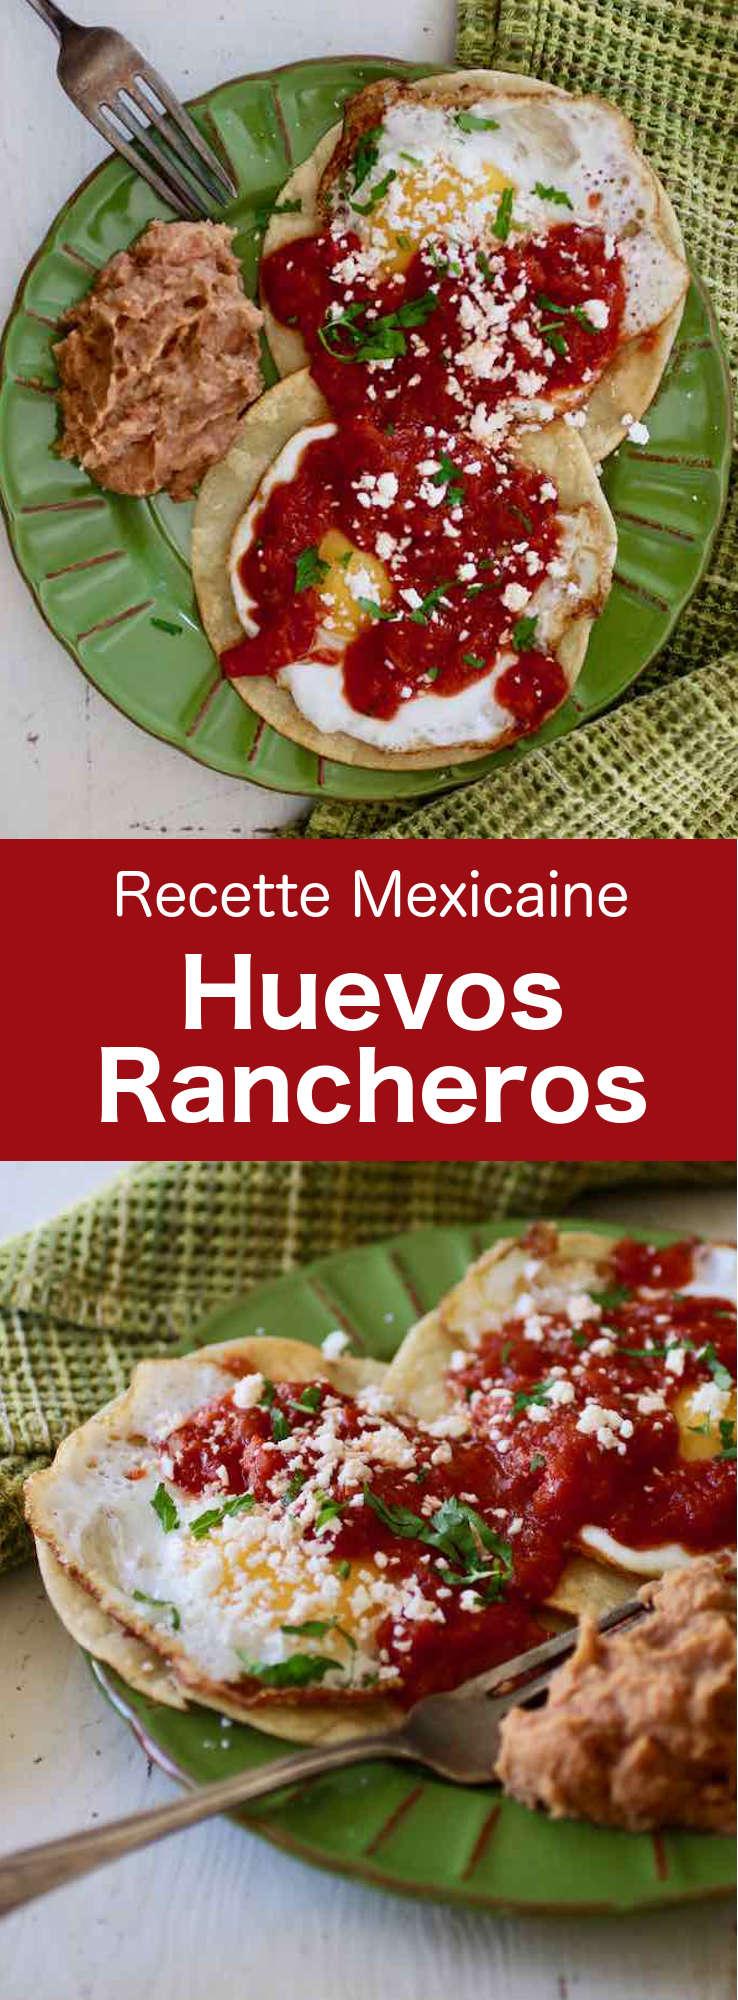 Les huevos rancheros (œufs façon ranch) sont une véritable institution mexicaine et un repas complet de petit-déjeuner à base d'oeufs et de tomates. #Mexique #RecetteMexicaine #PetitDejeuner #CuisineDuMonde #196flavors